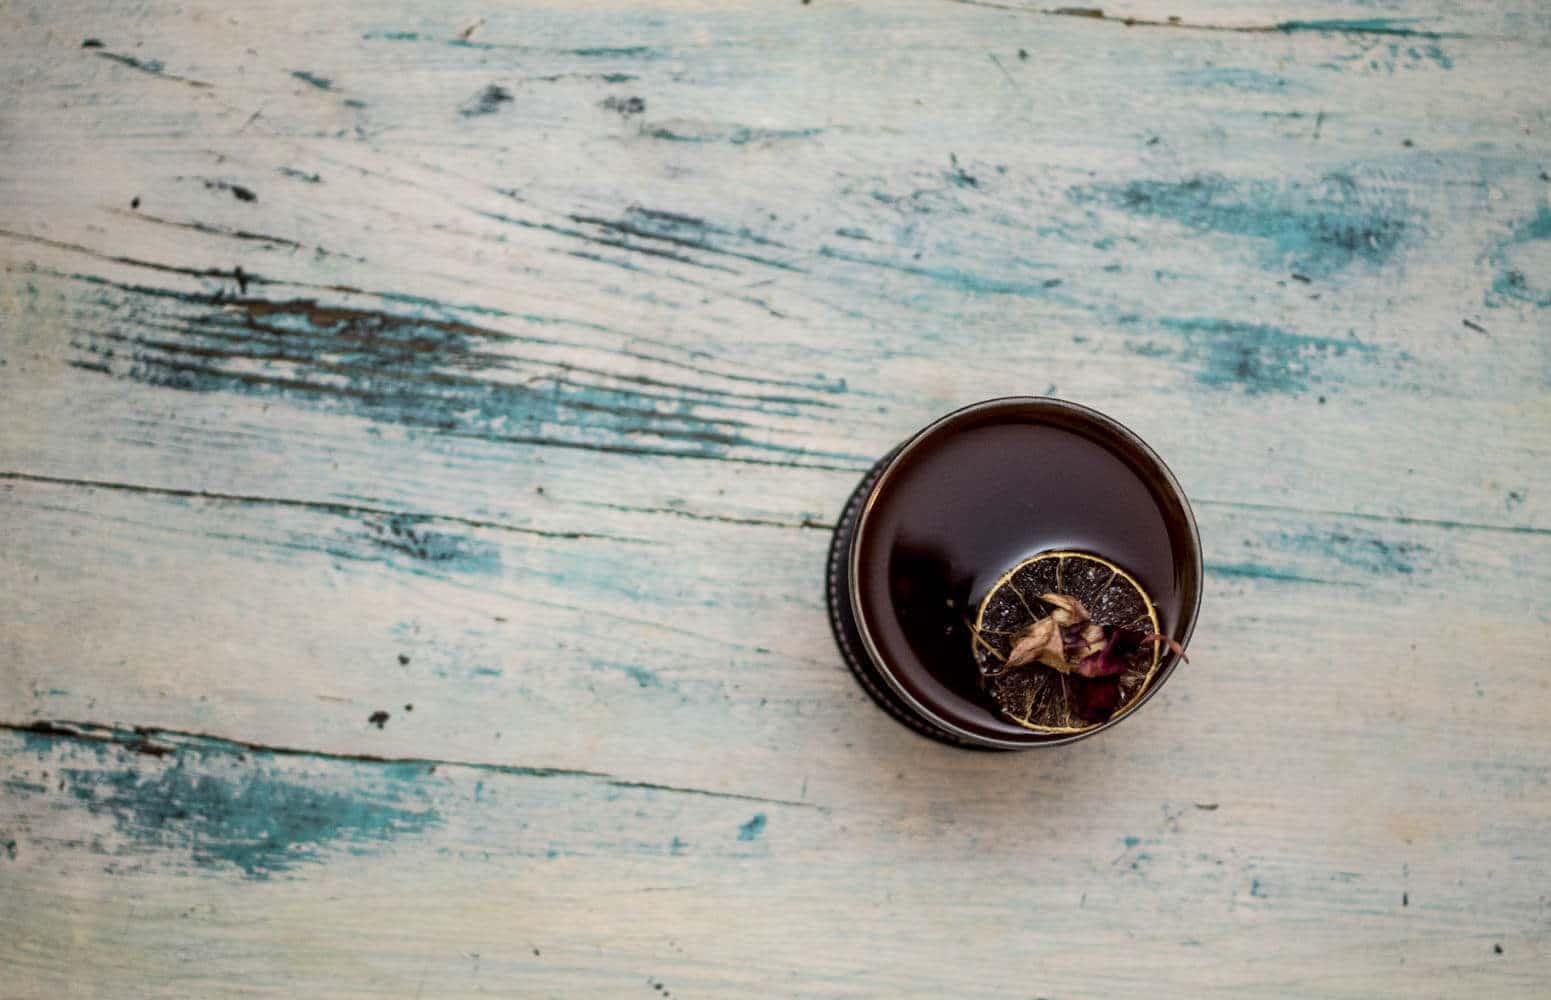 Belle photo de sea of cortez cocktail à base de tequila